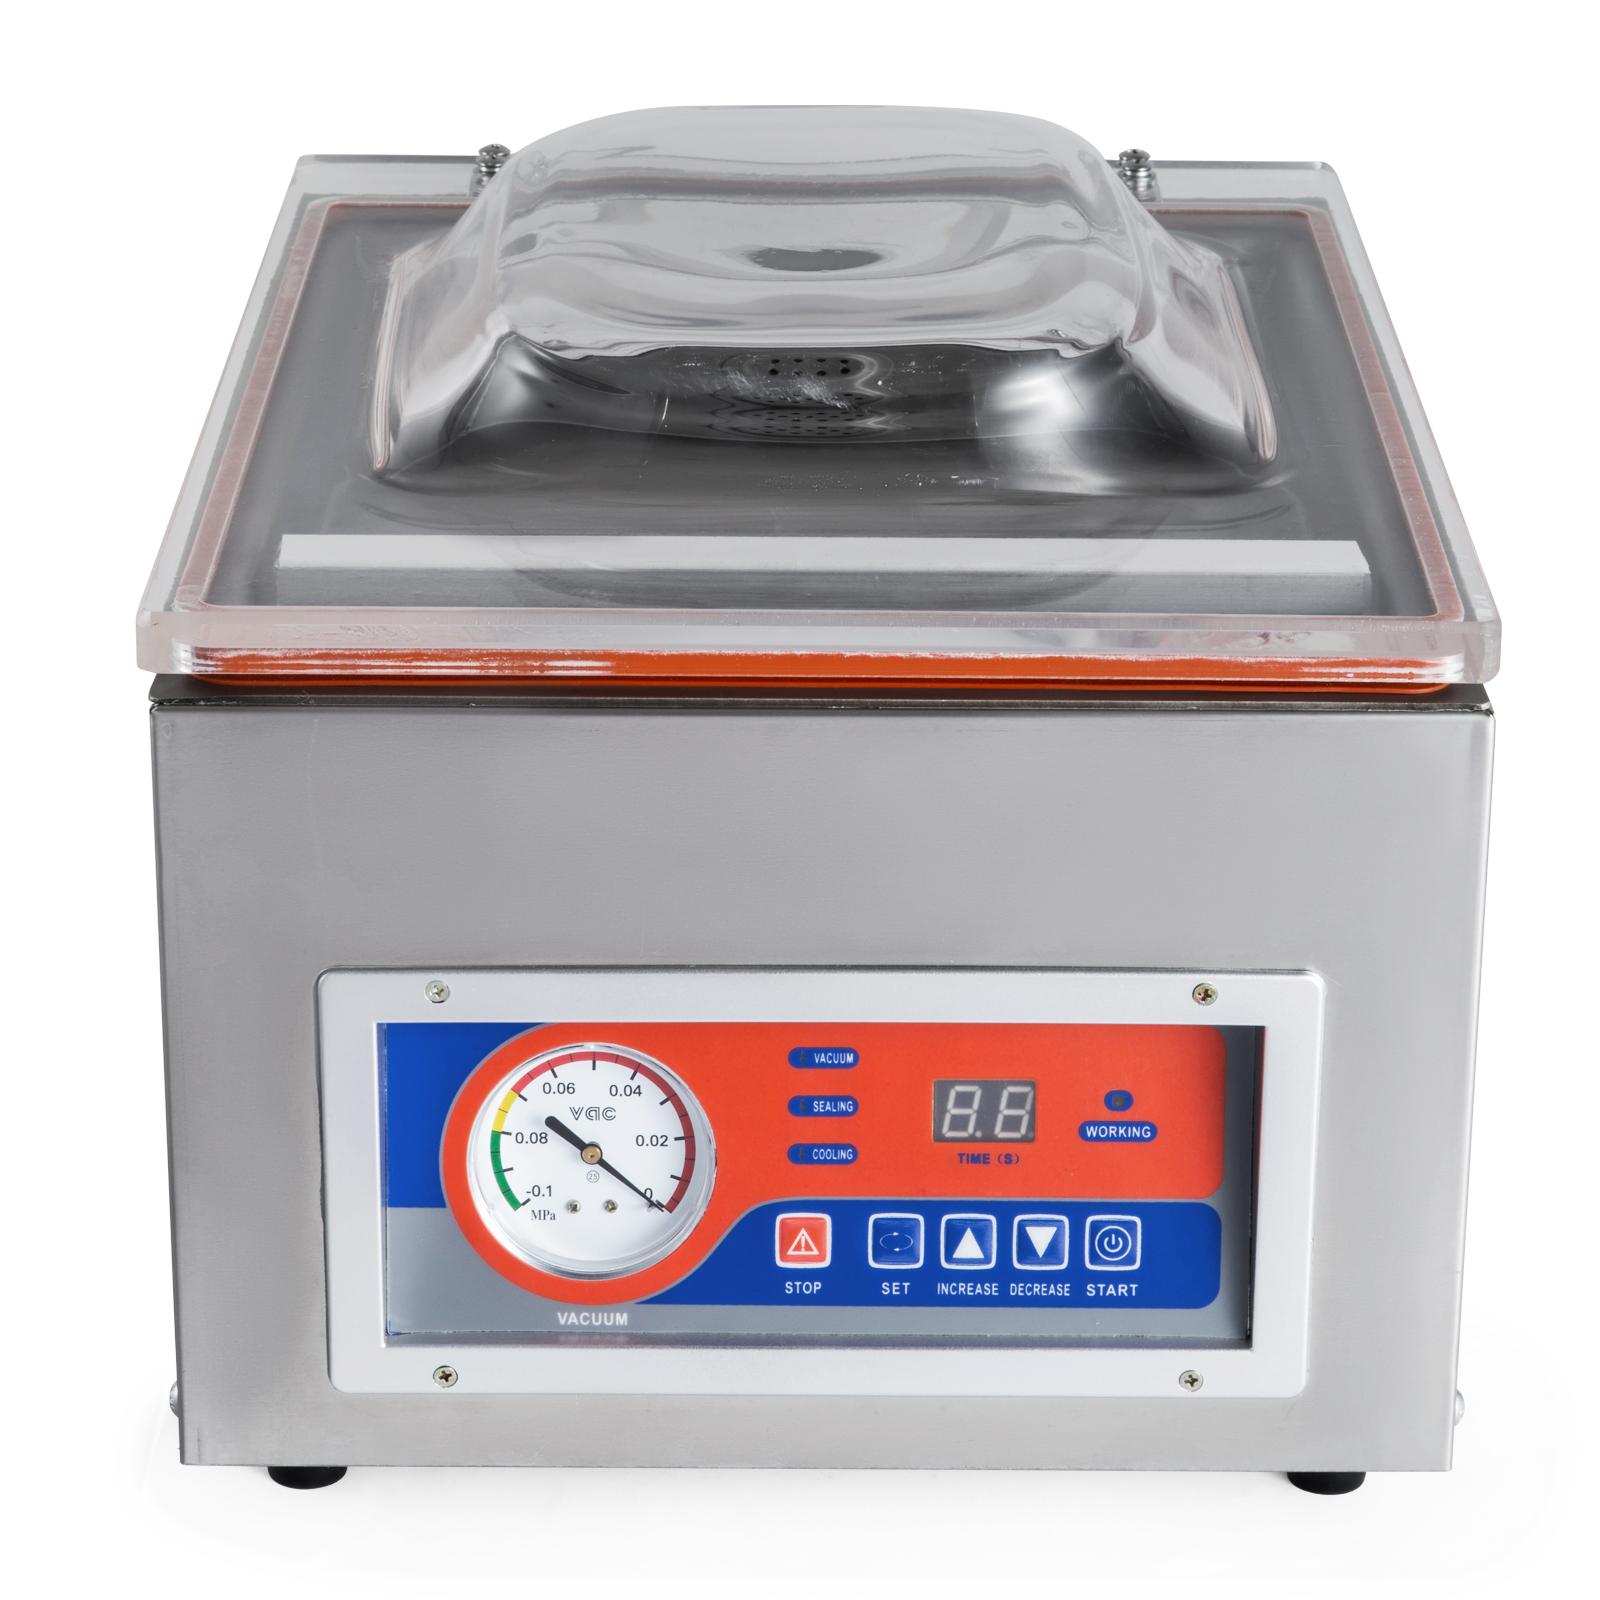 Kitchen Vacuum: FOOD VACUUM SEALER, VACUUM PACKING MACHINE, DZ-260 VACUMM